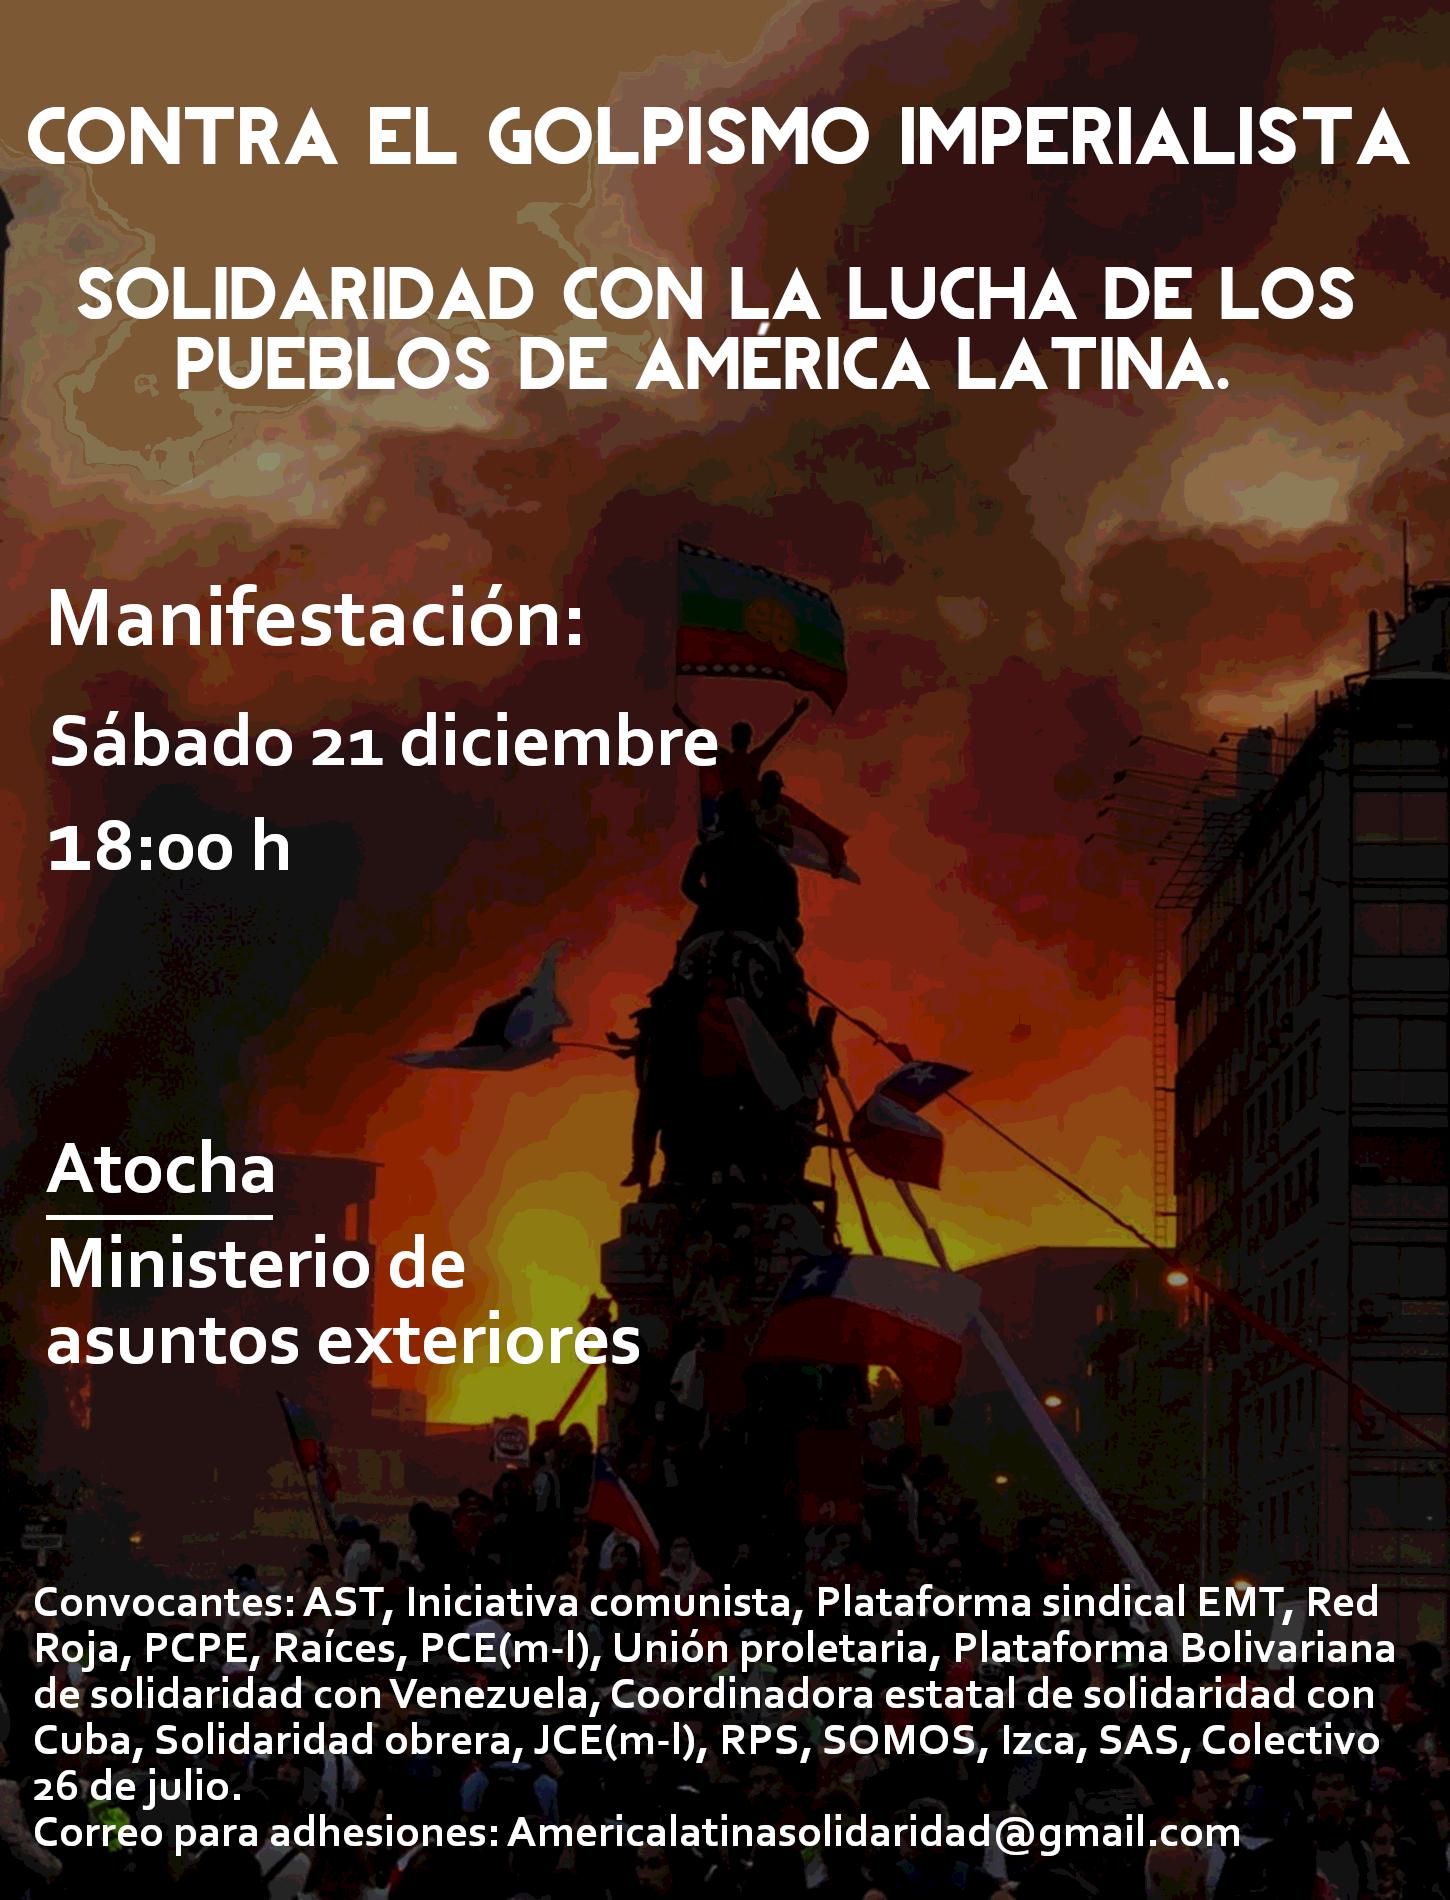 Cartel de la manifestación 'Contra el golpismo imperialista'.